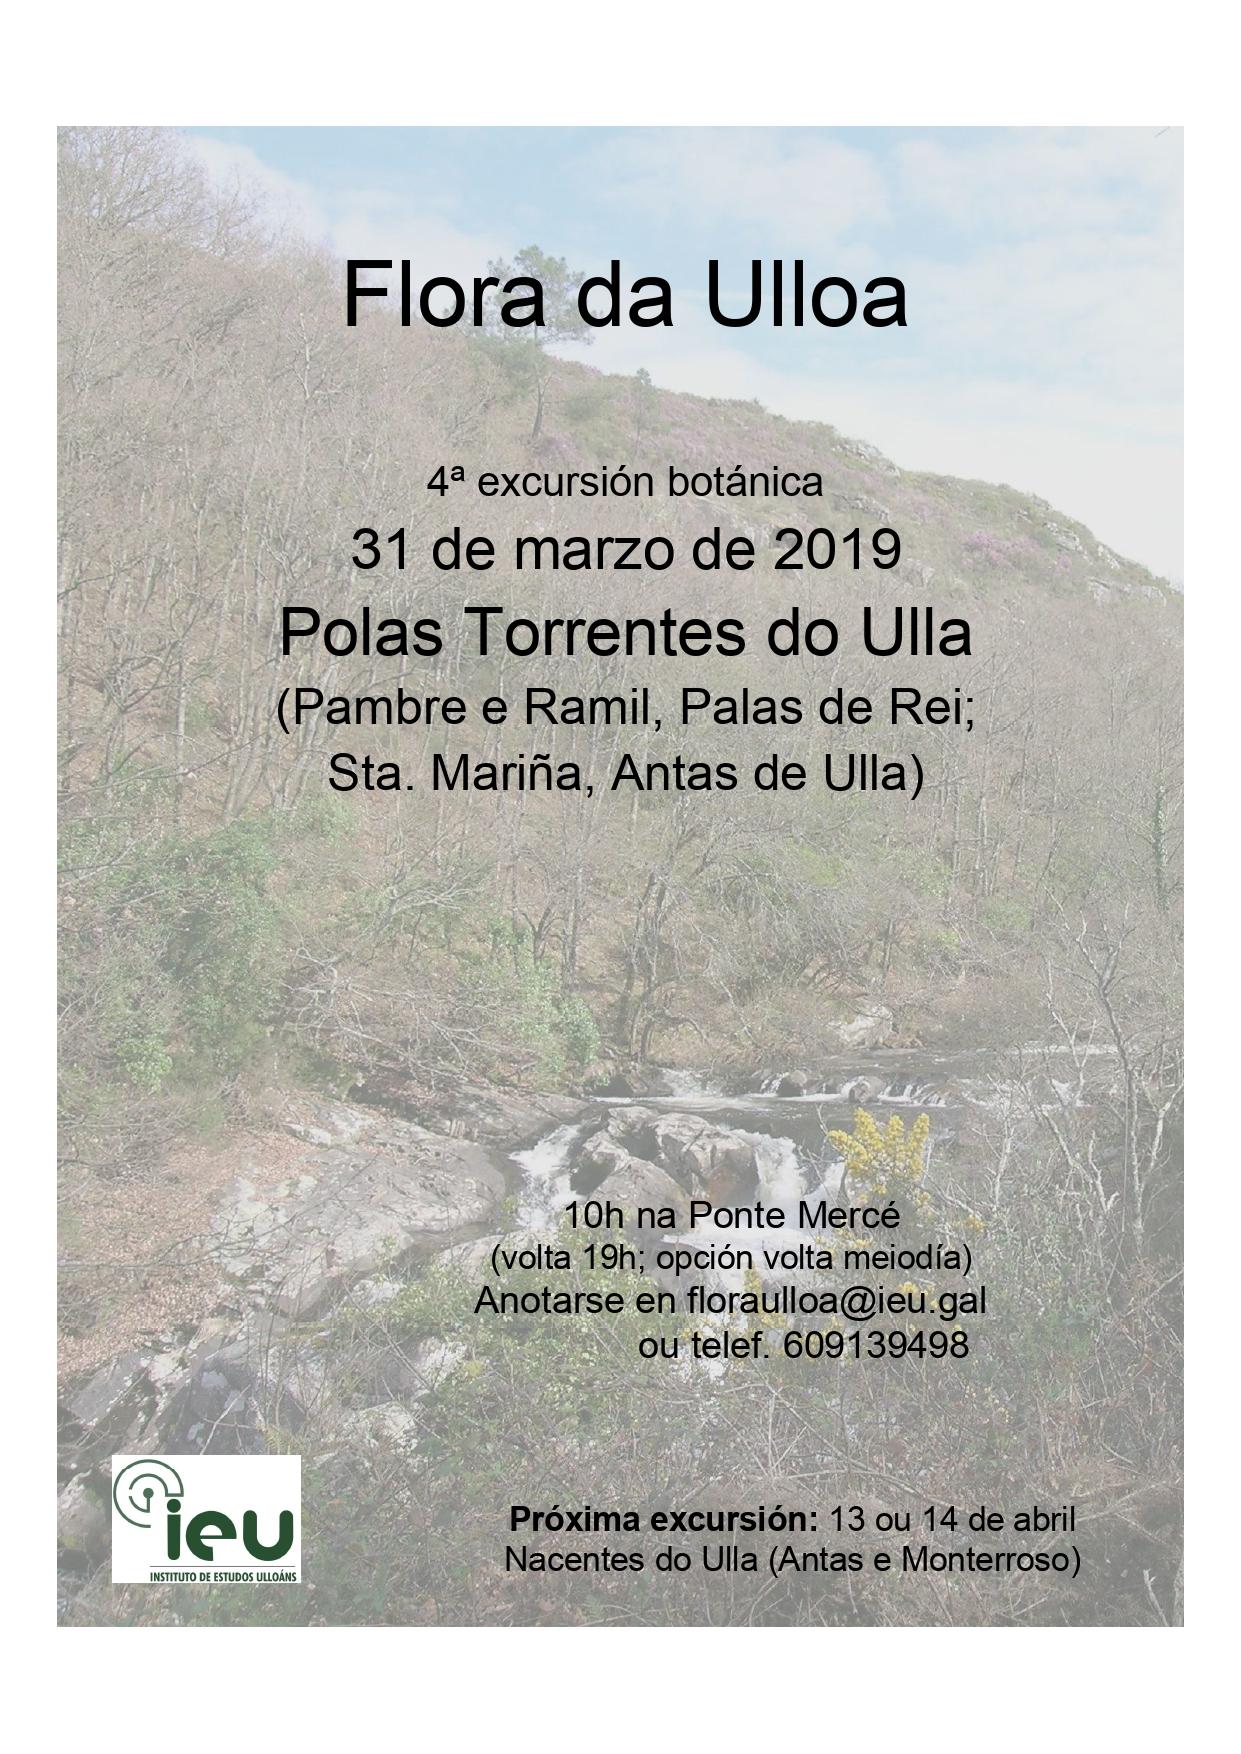 4ª excursión Flora da Ulloa, Instituto de Estudos Ulloáns